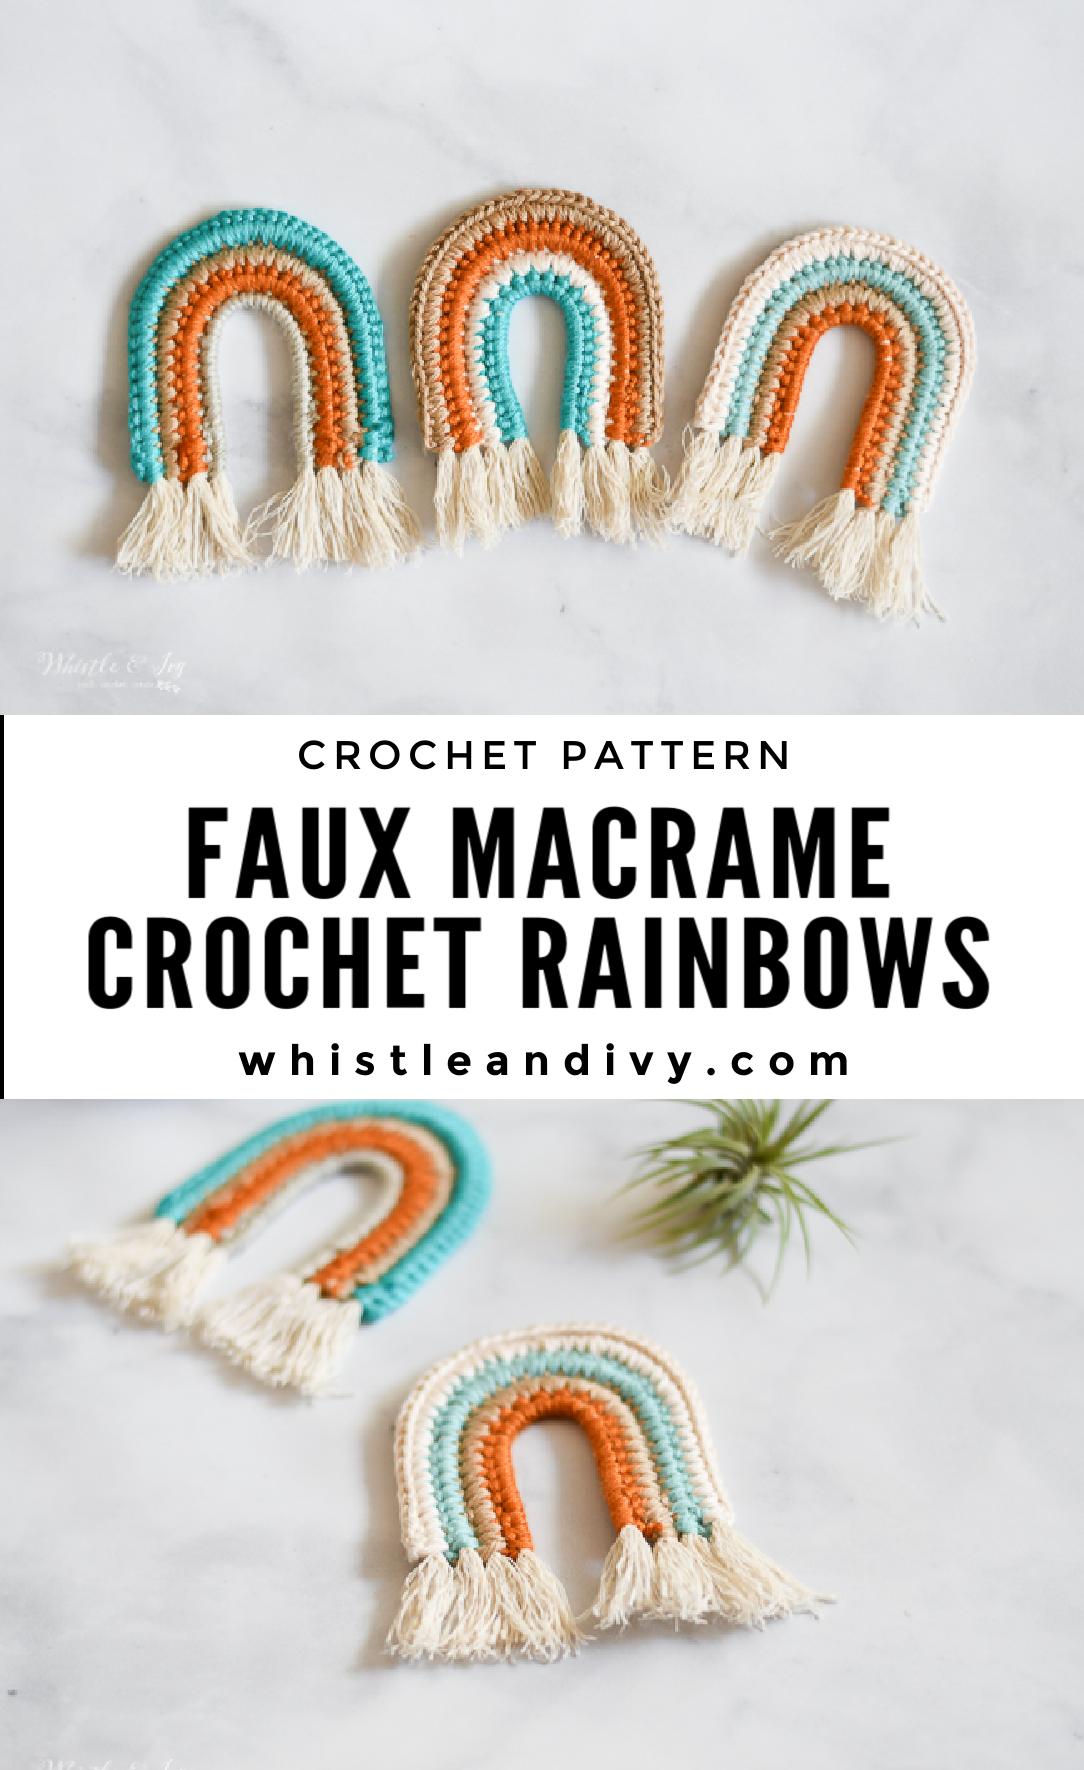 crochet rainbows fringe boho hippie neutral baby toy crochet pattern faux macrame